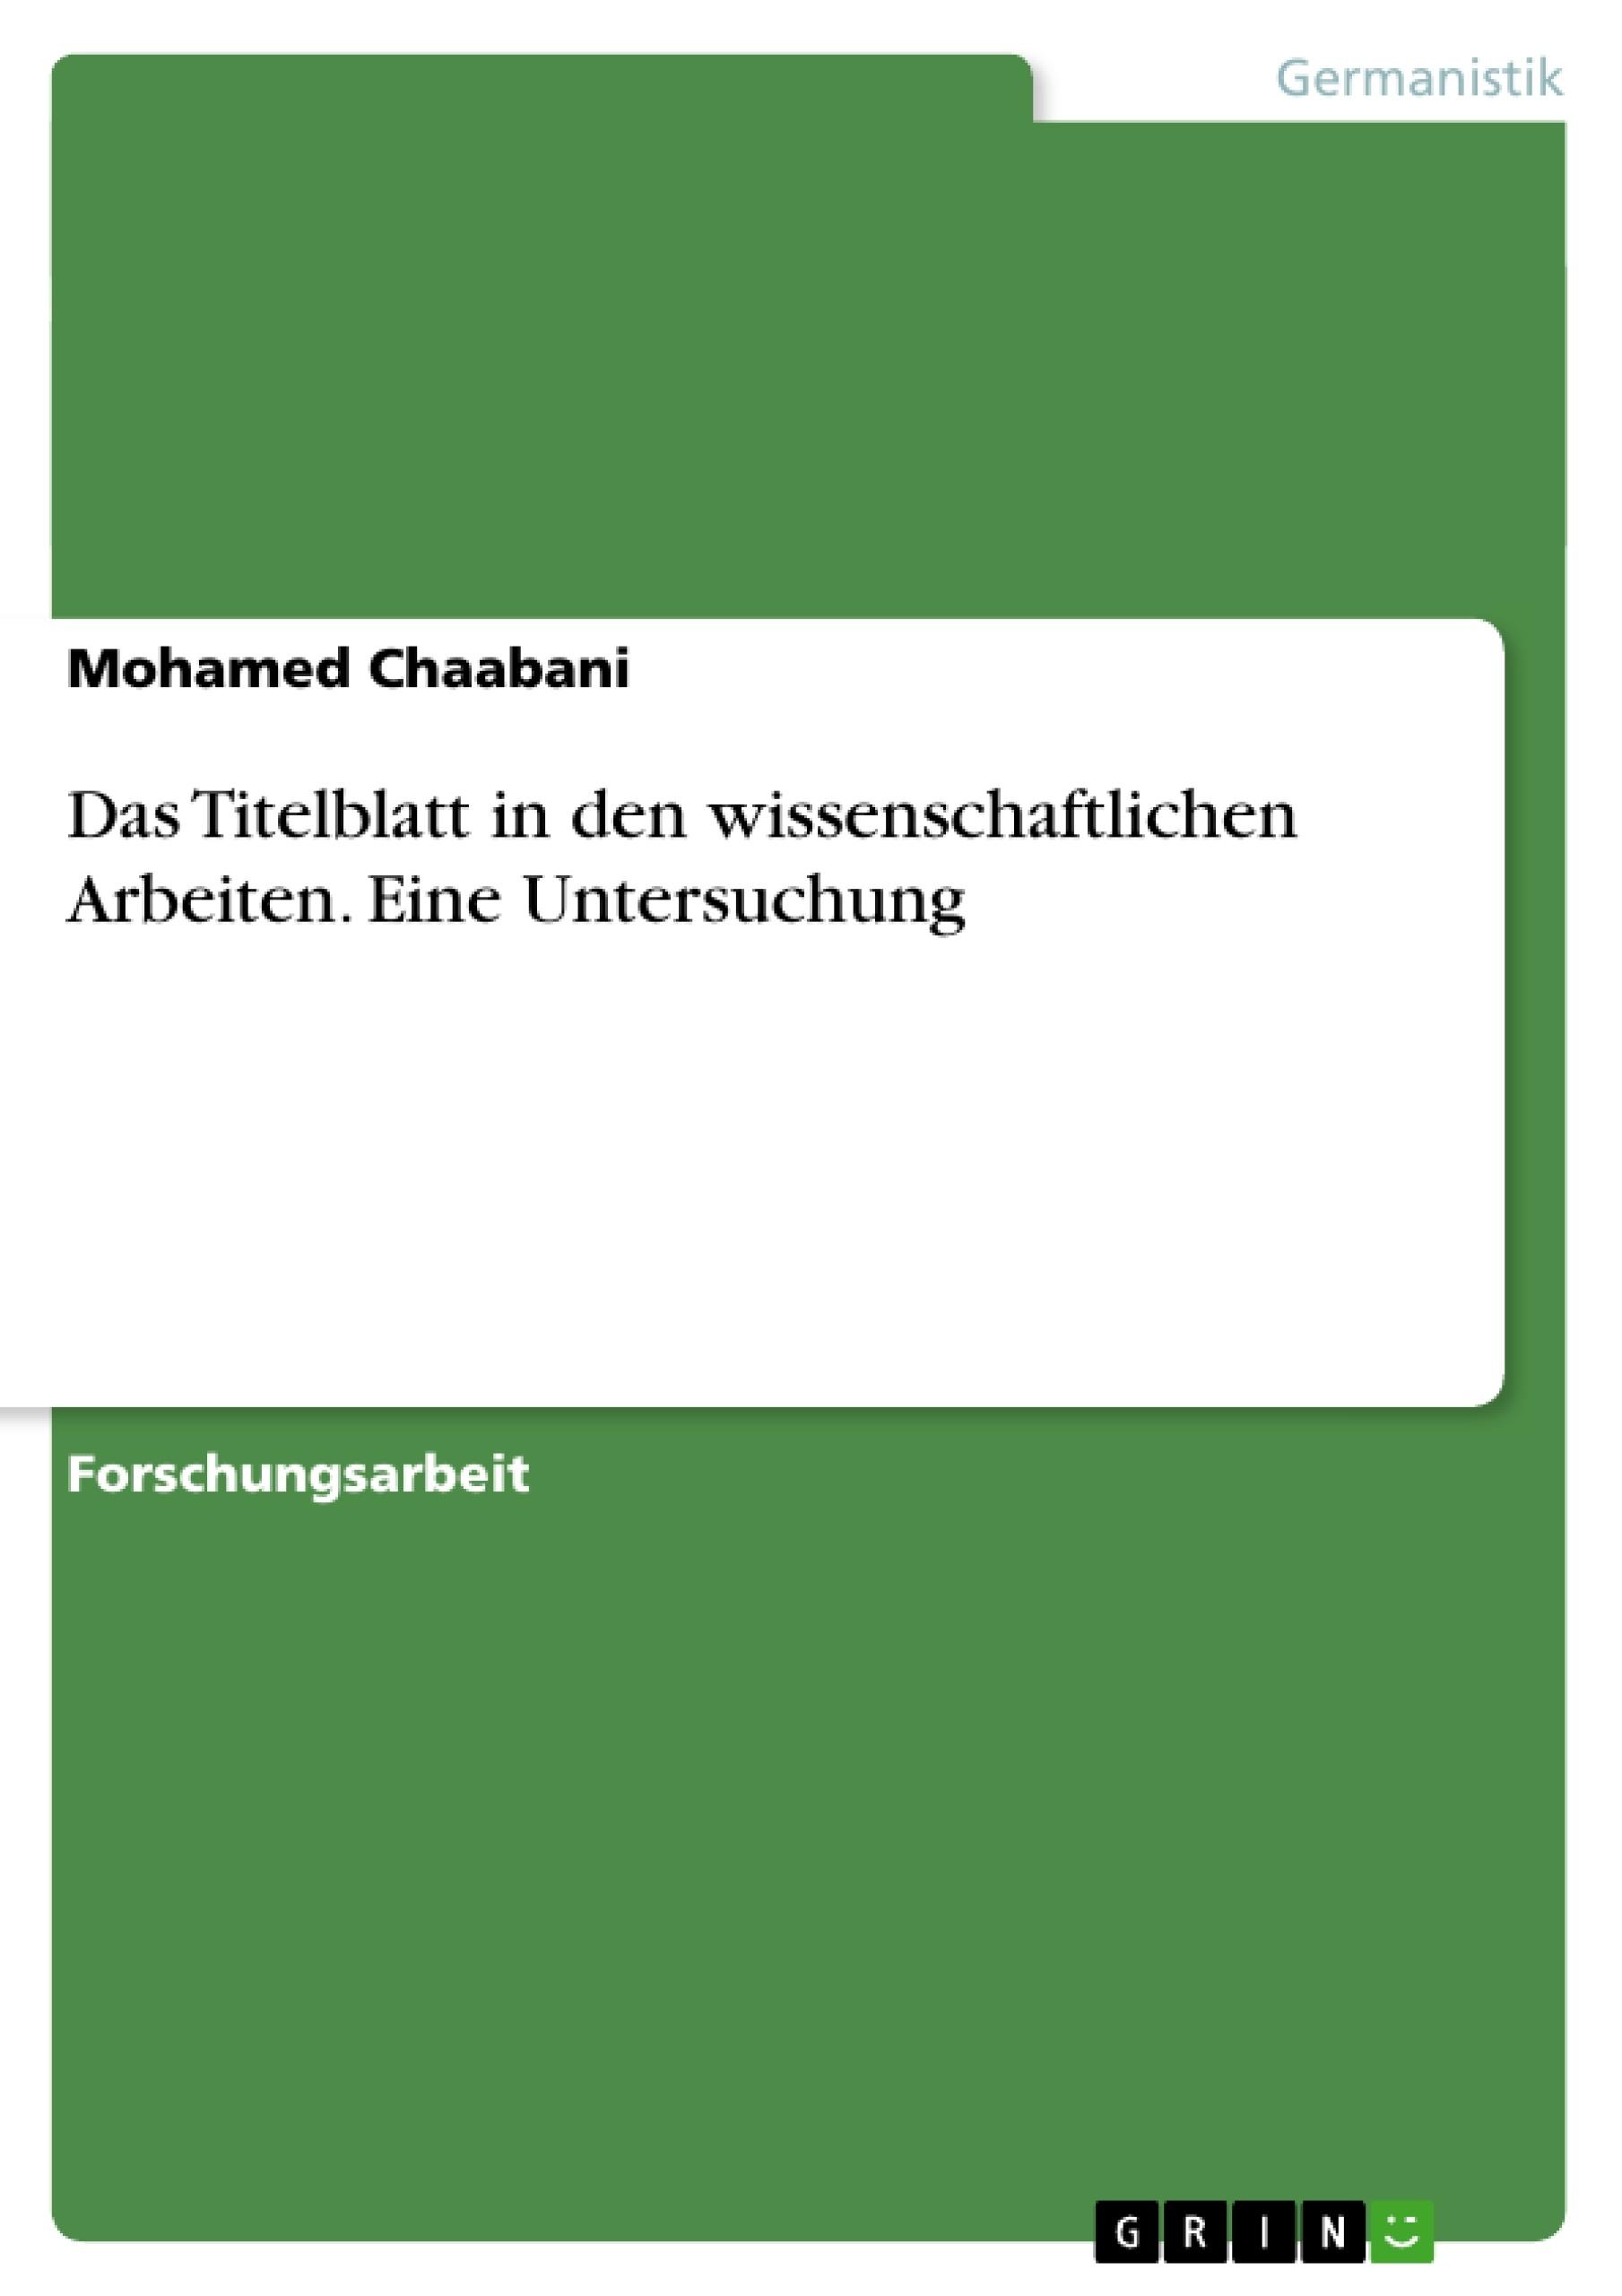 Titel: Das Titelblatt in den wissenschaftlichen Arbeiten. Eine Untersuchung